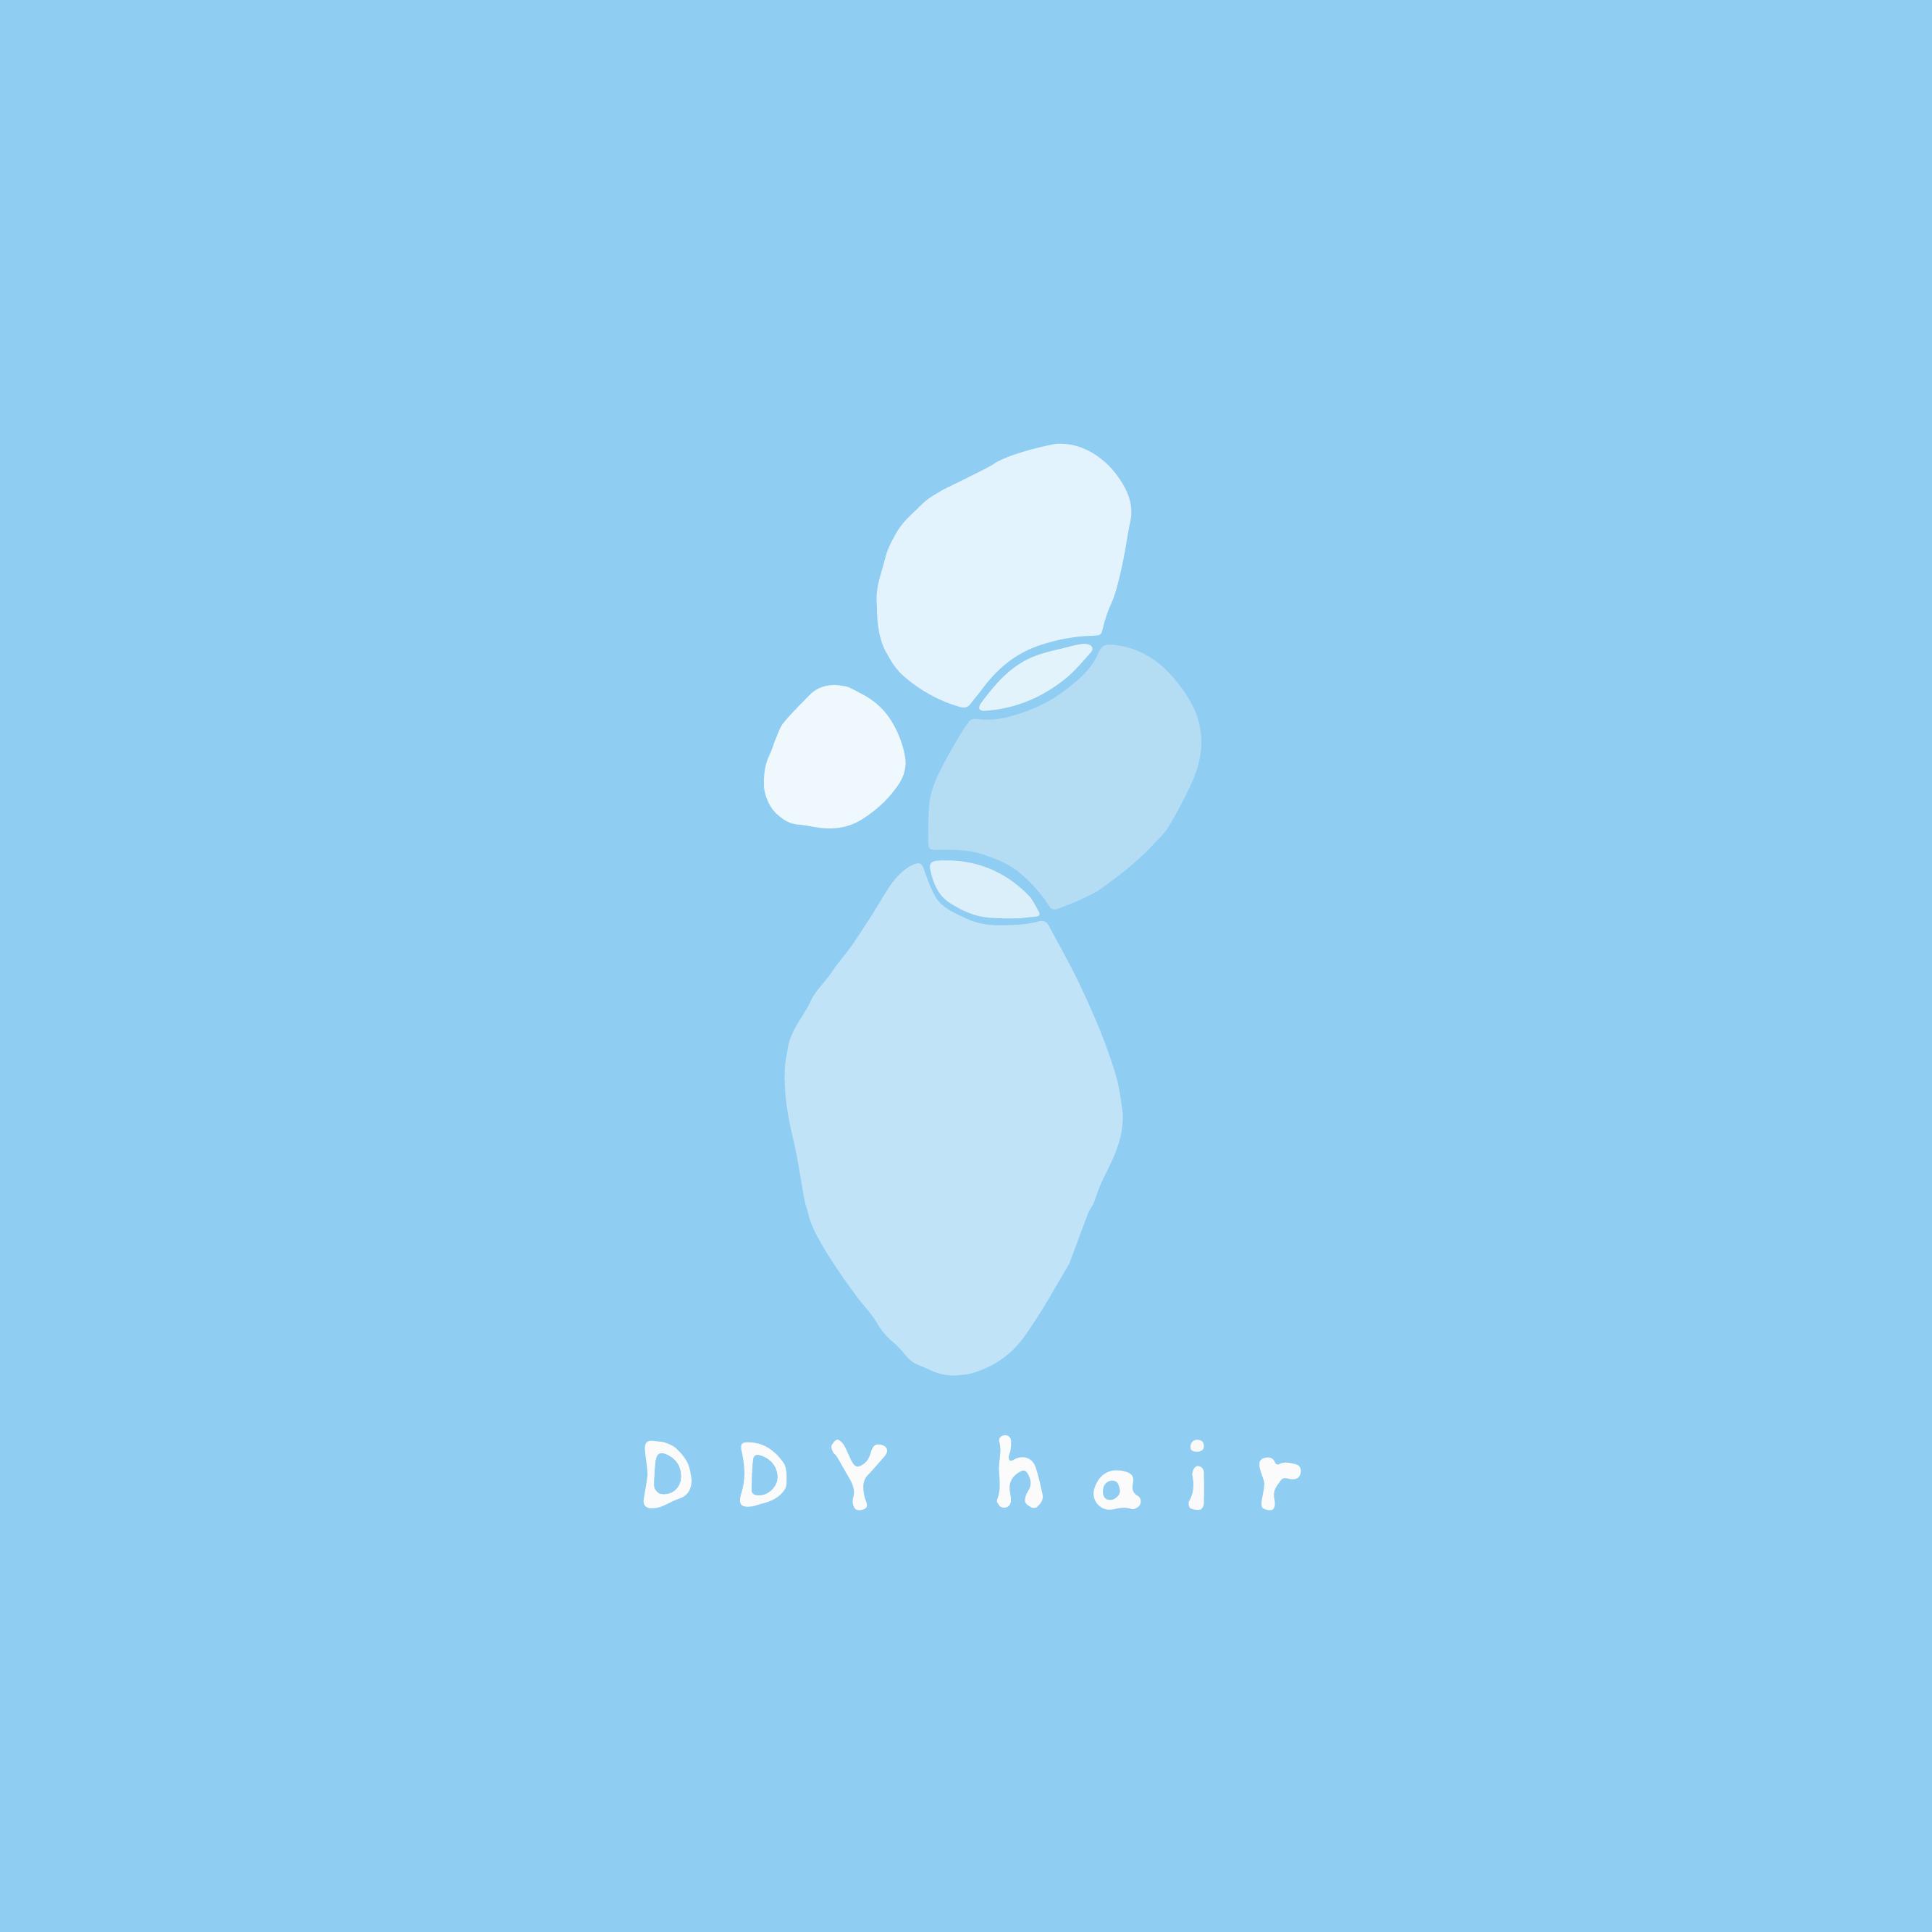 宮津市 髪質改善・縮毛矯正 美容室 DDY hair